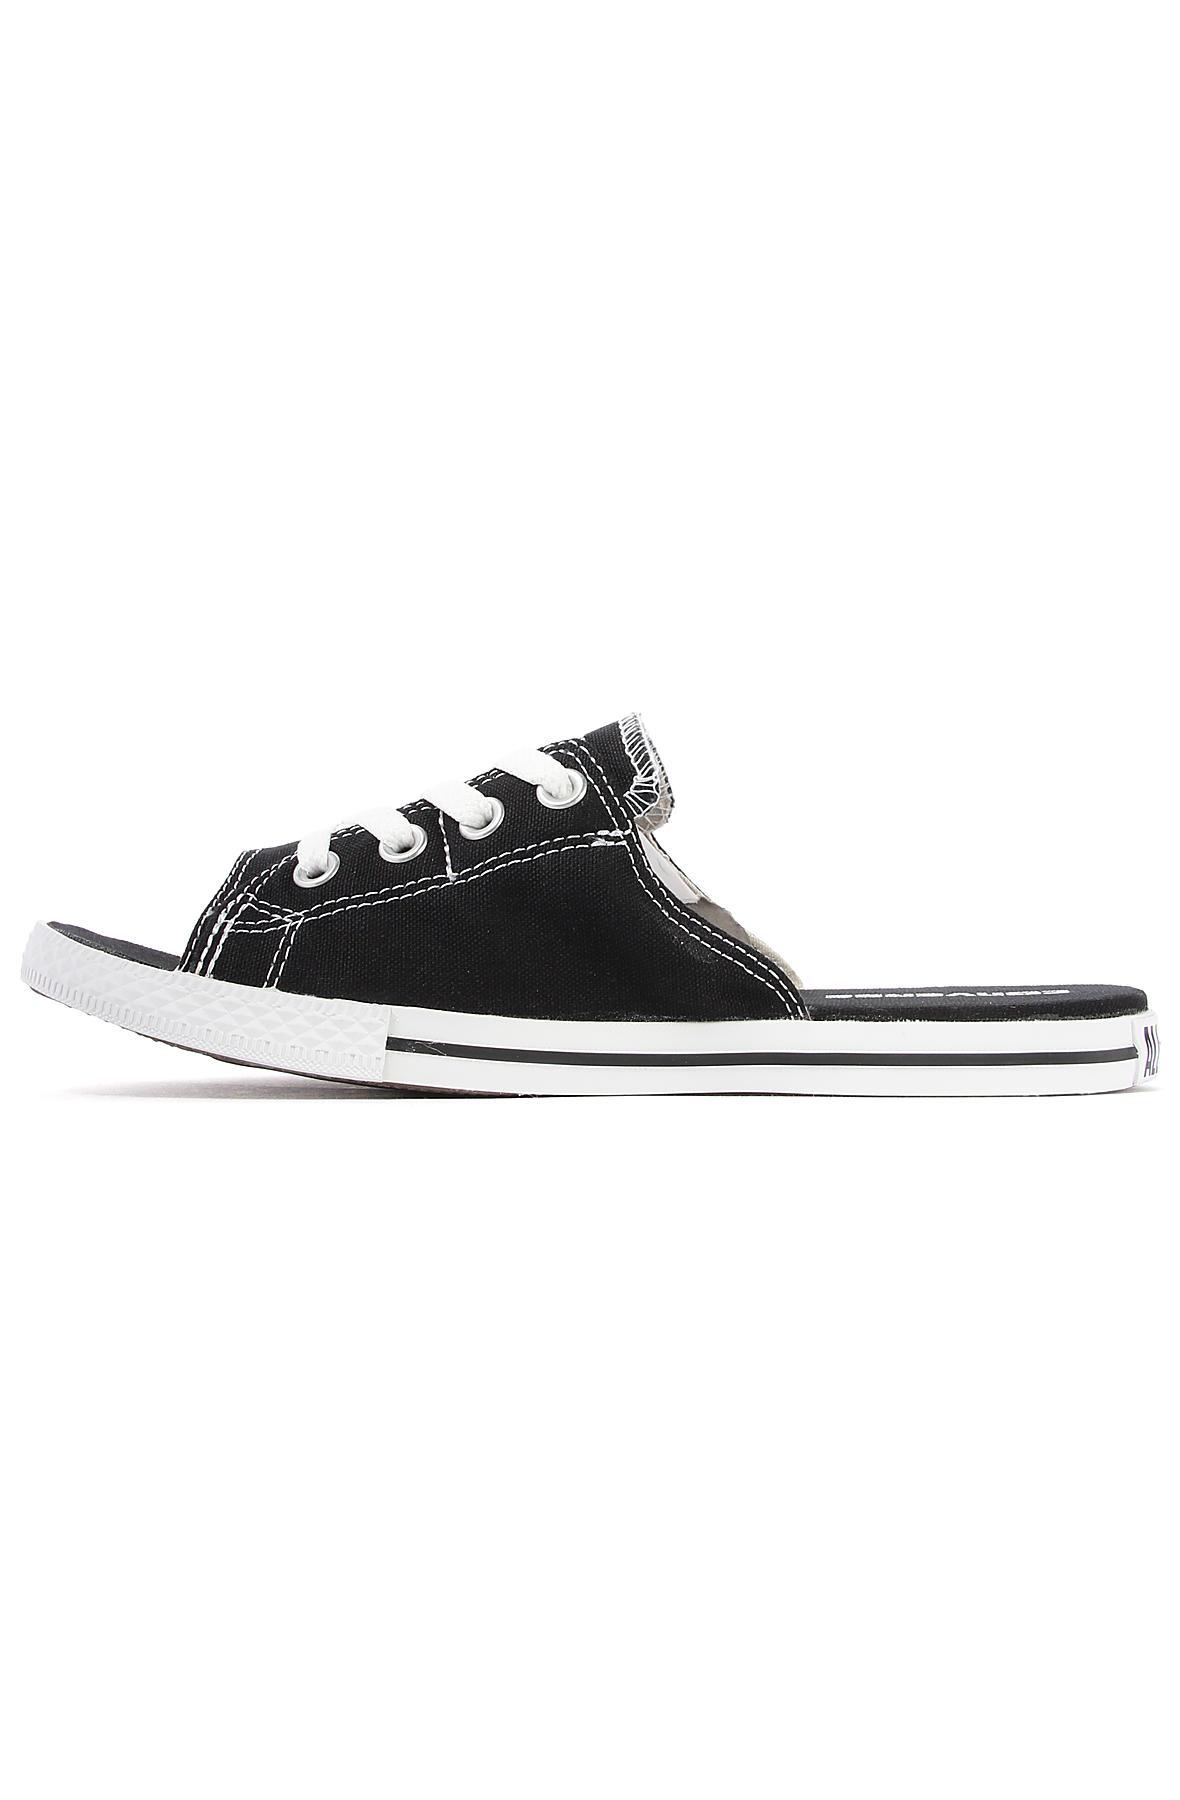 Lyst - Converse The Chuck Taylor All Star Cutaway Evo Canvas Sandal ... f62aeb44b